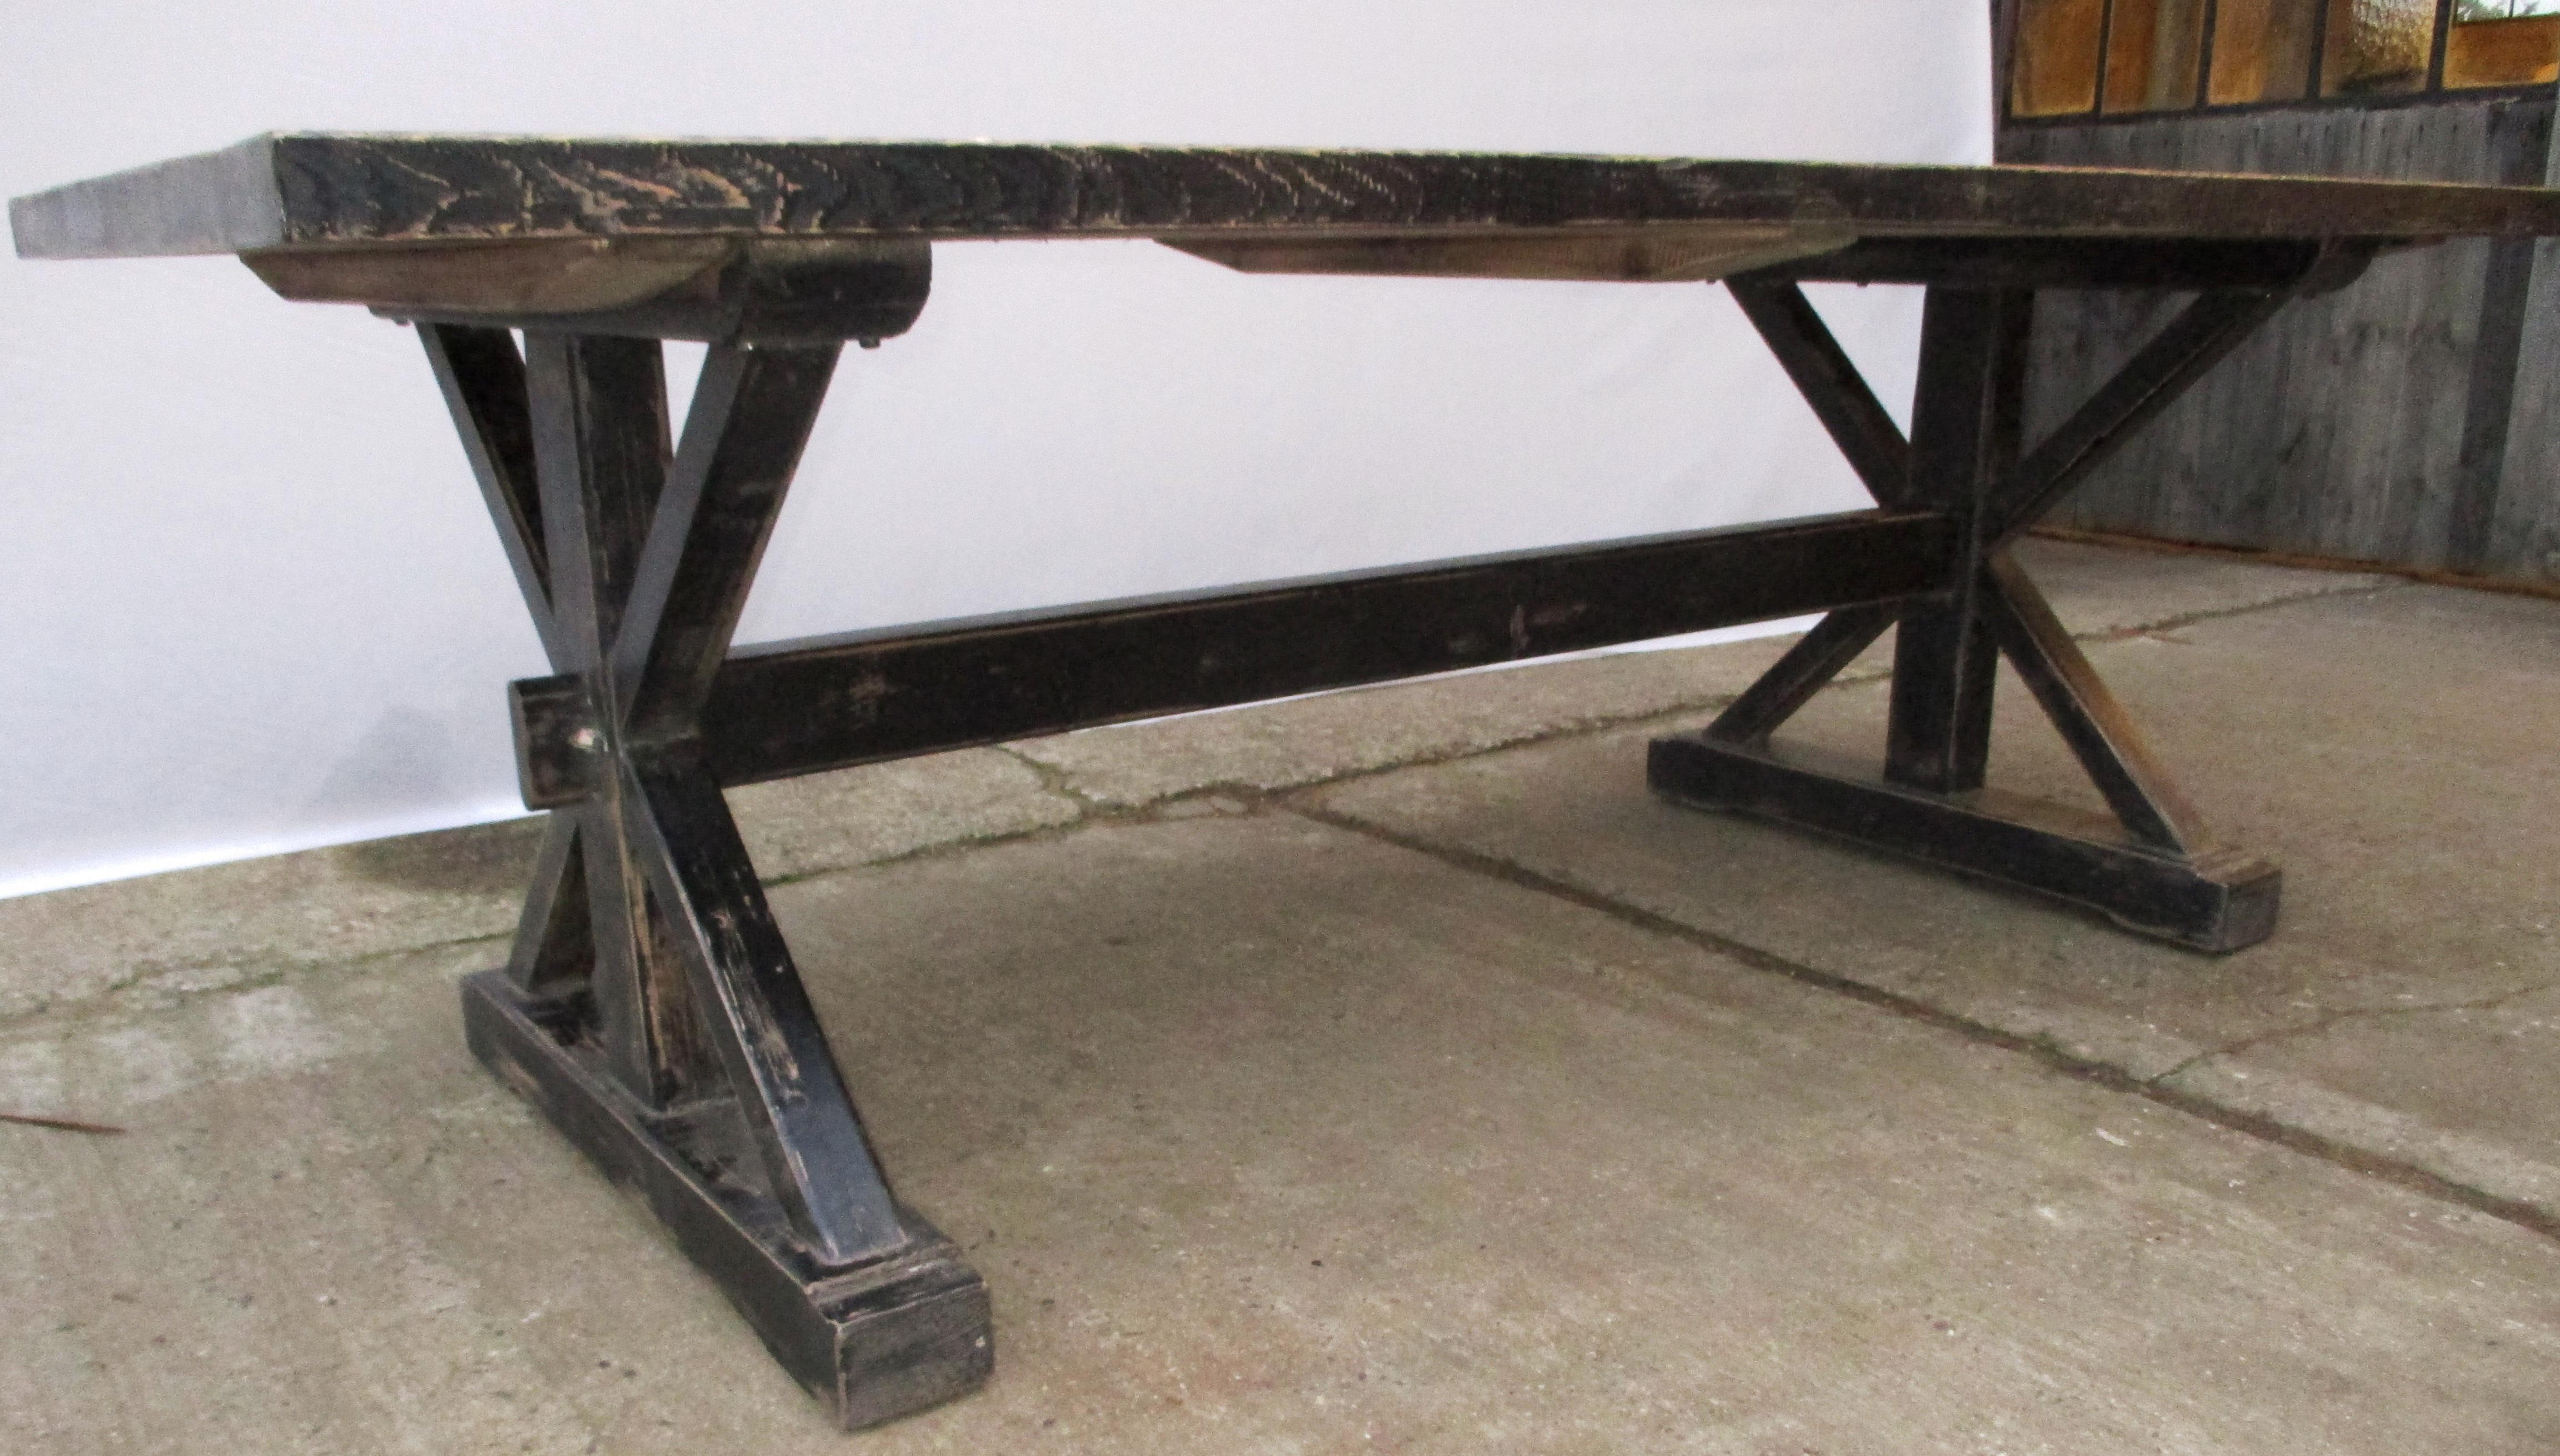 esstisch blacky mit schwarzer patina historische bauelemente jetzt online bestellen. Black Bedroom Furniture Sets. Home Design Ideas